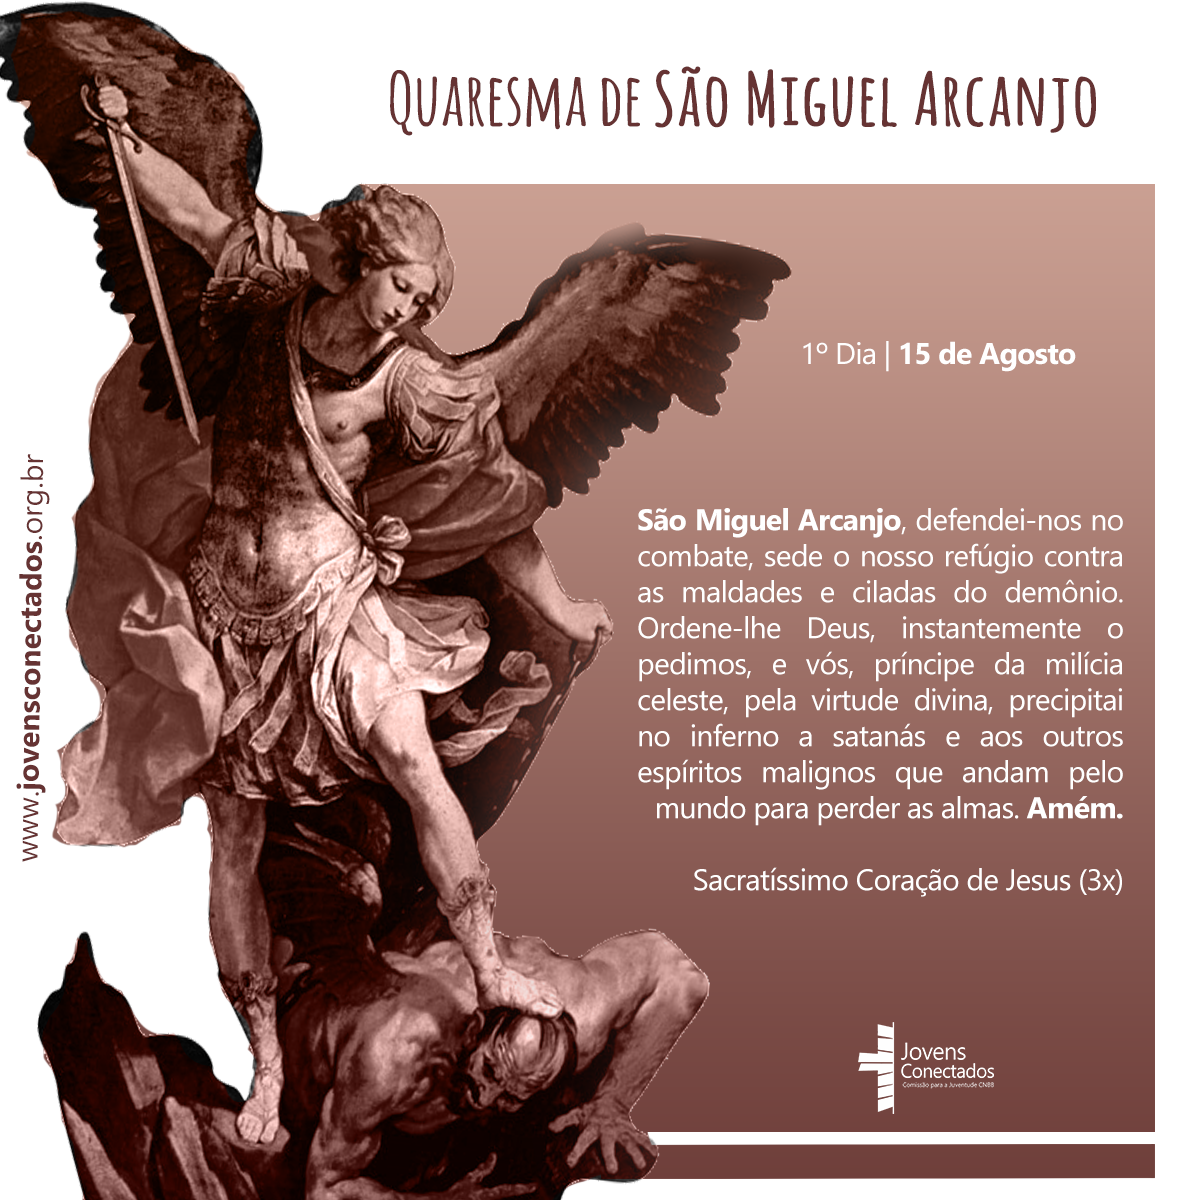 Reze conosco a Quaresma de São Miguel Arcanjo